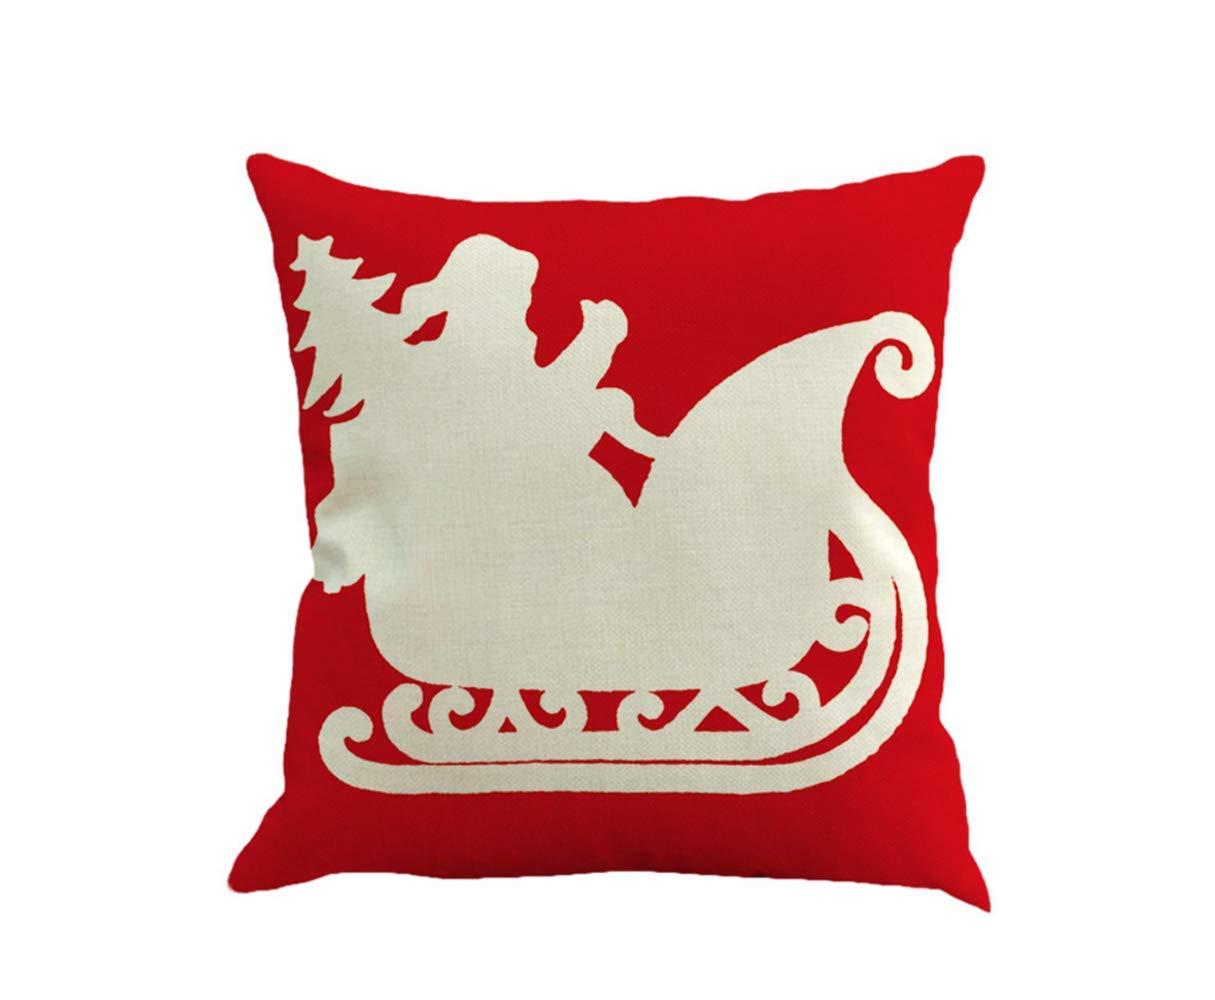 Amazon.com: XGuangage - Funda de cojín para sofá, diseño de ...